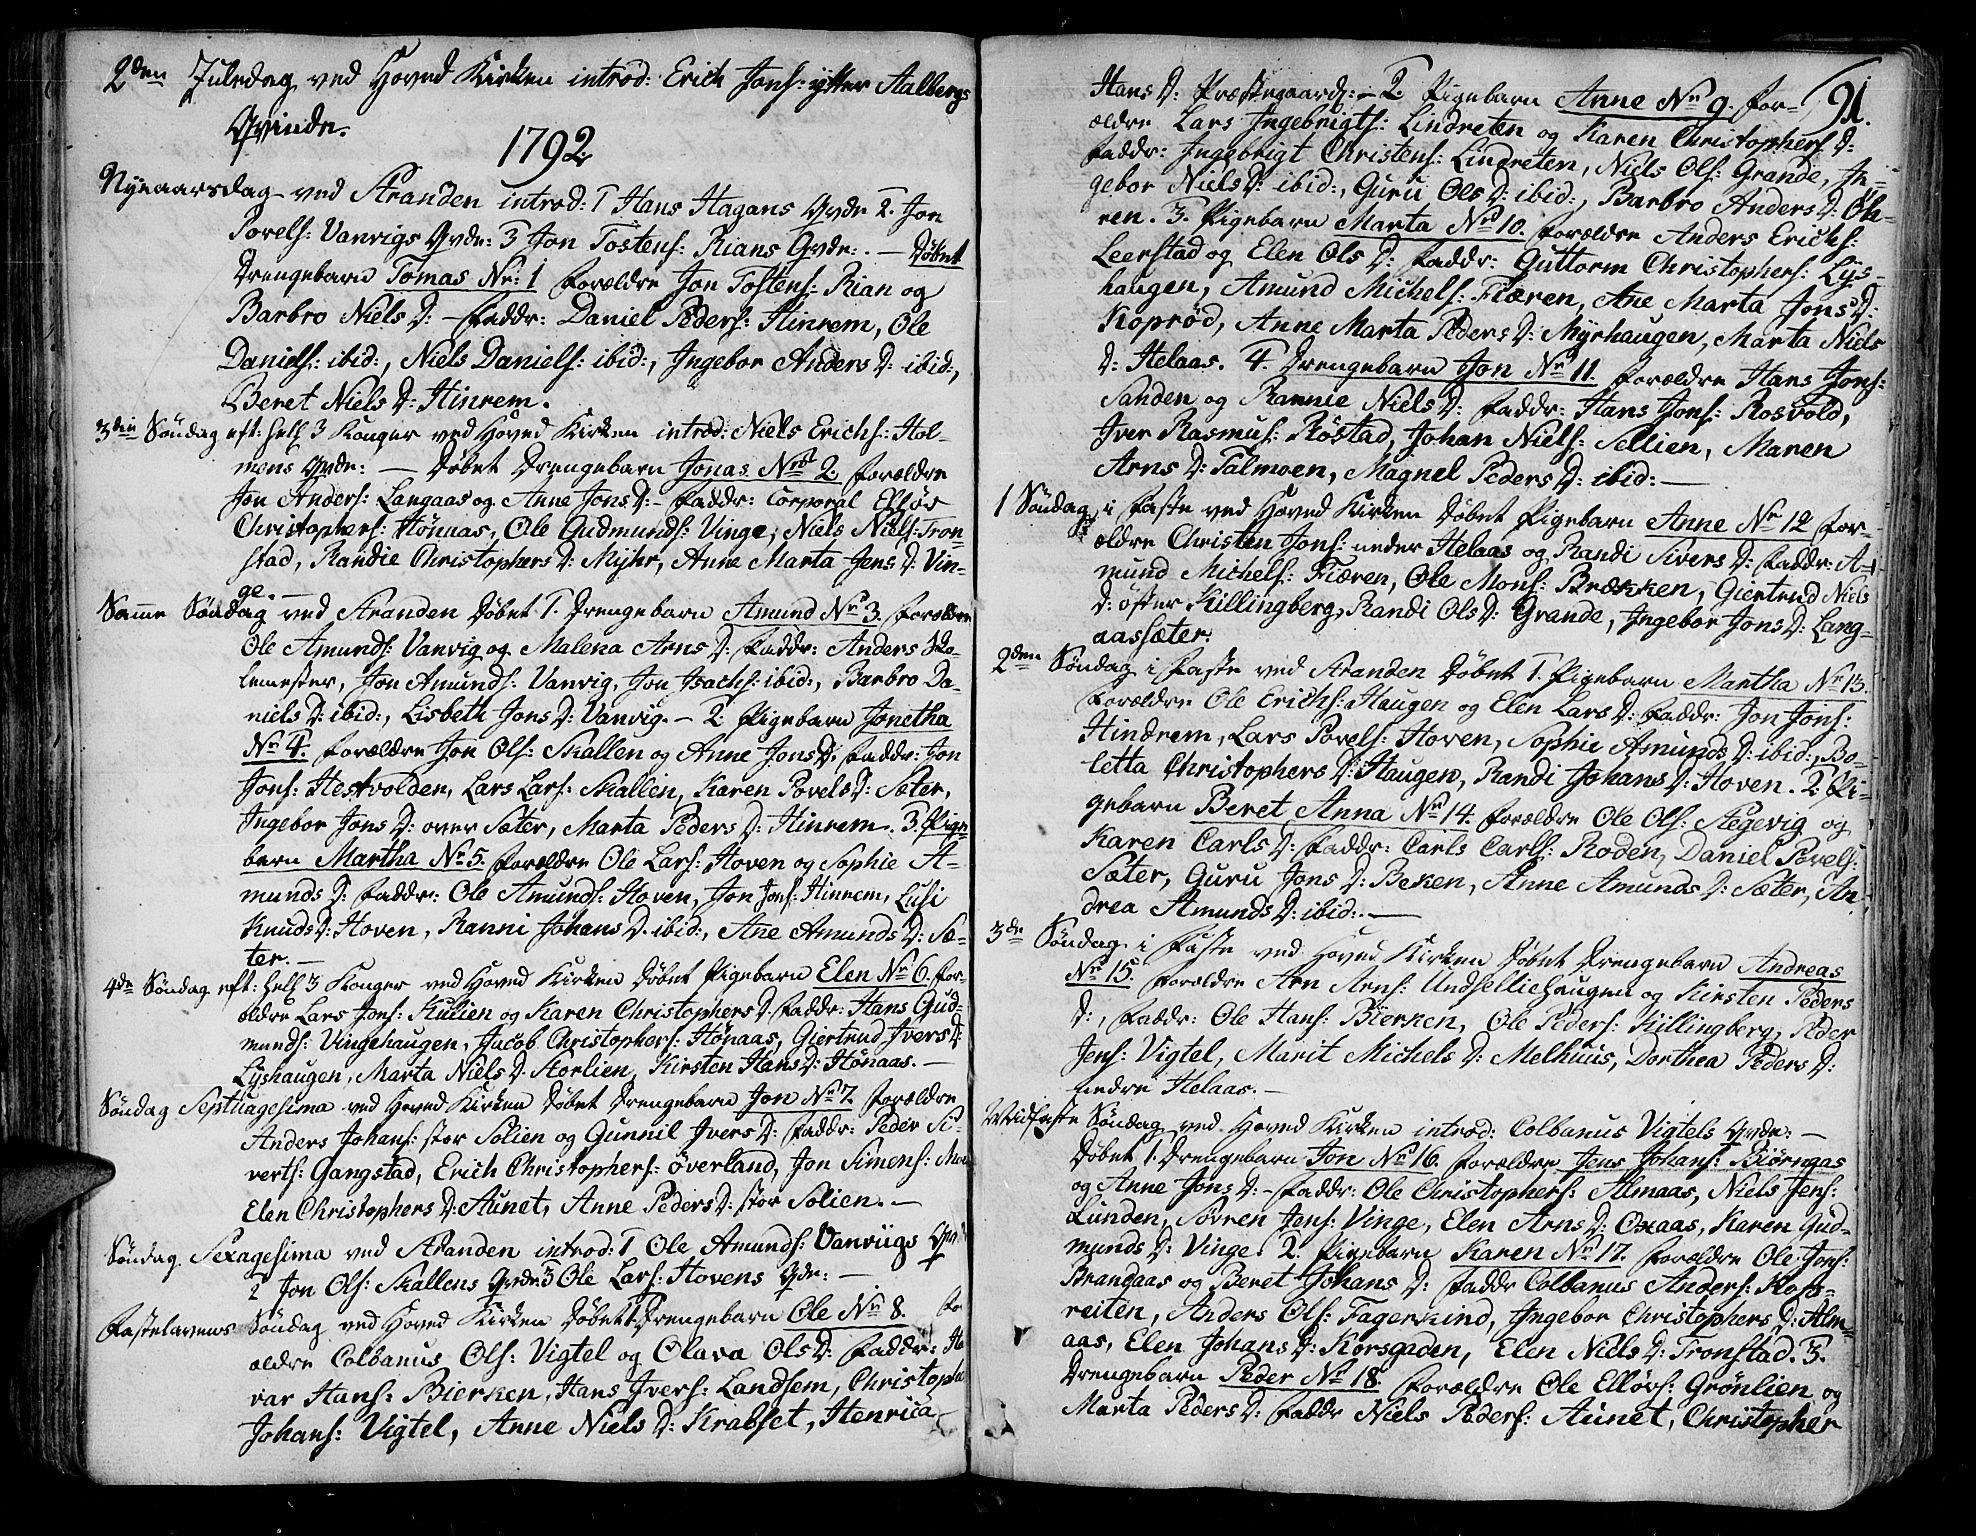 SAT, Ministerialprotokoller, klokkerbøker og fødselsregistre - Nord-Trøndelag, 701/L0004: Ministerialbok nr. 701A04, 1783-1816, s. 91